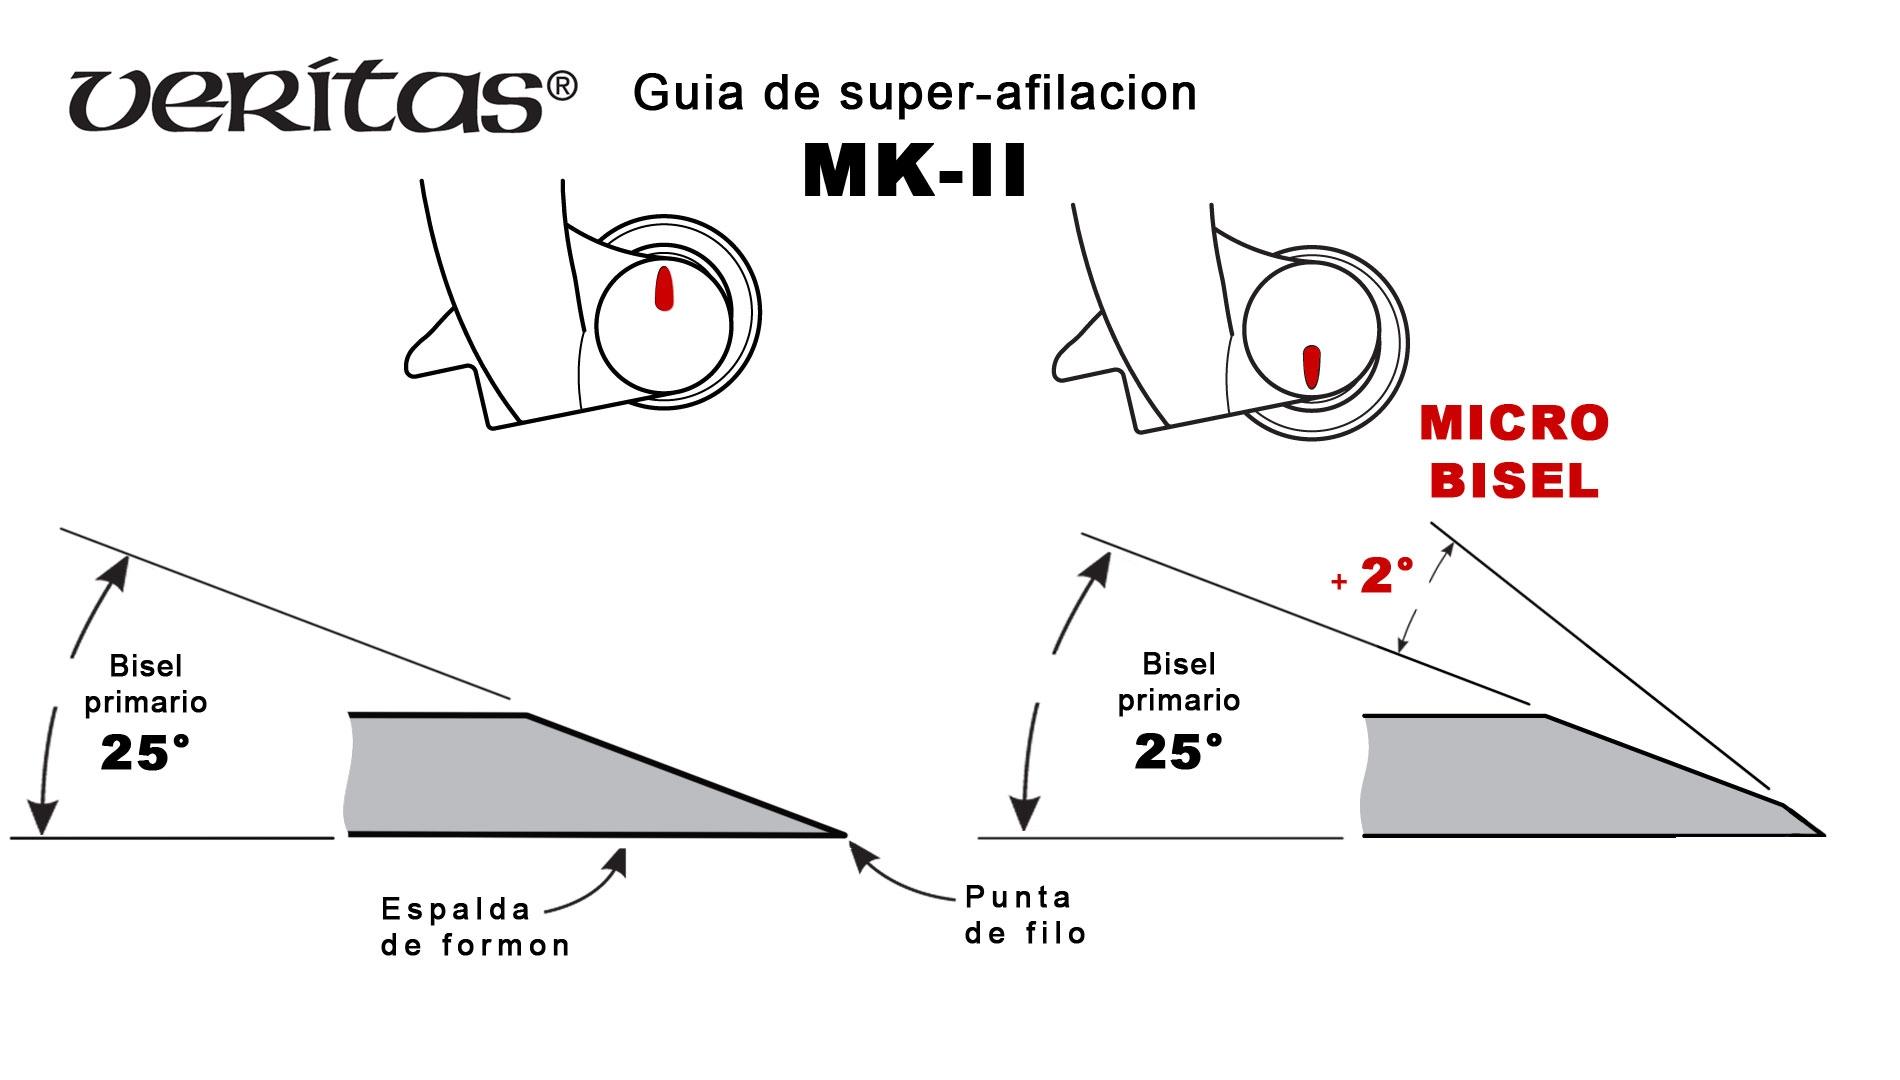 05M09.01-Guia de afilar MK2 cepillos, formones Veritas 05M09.01-max-9.